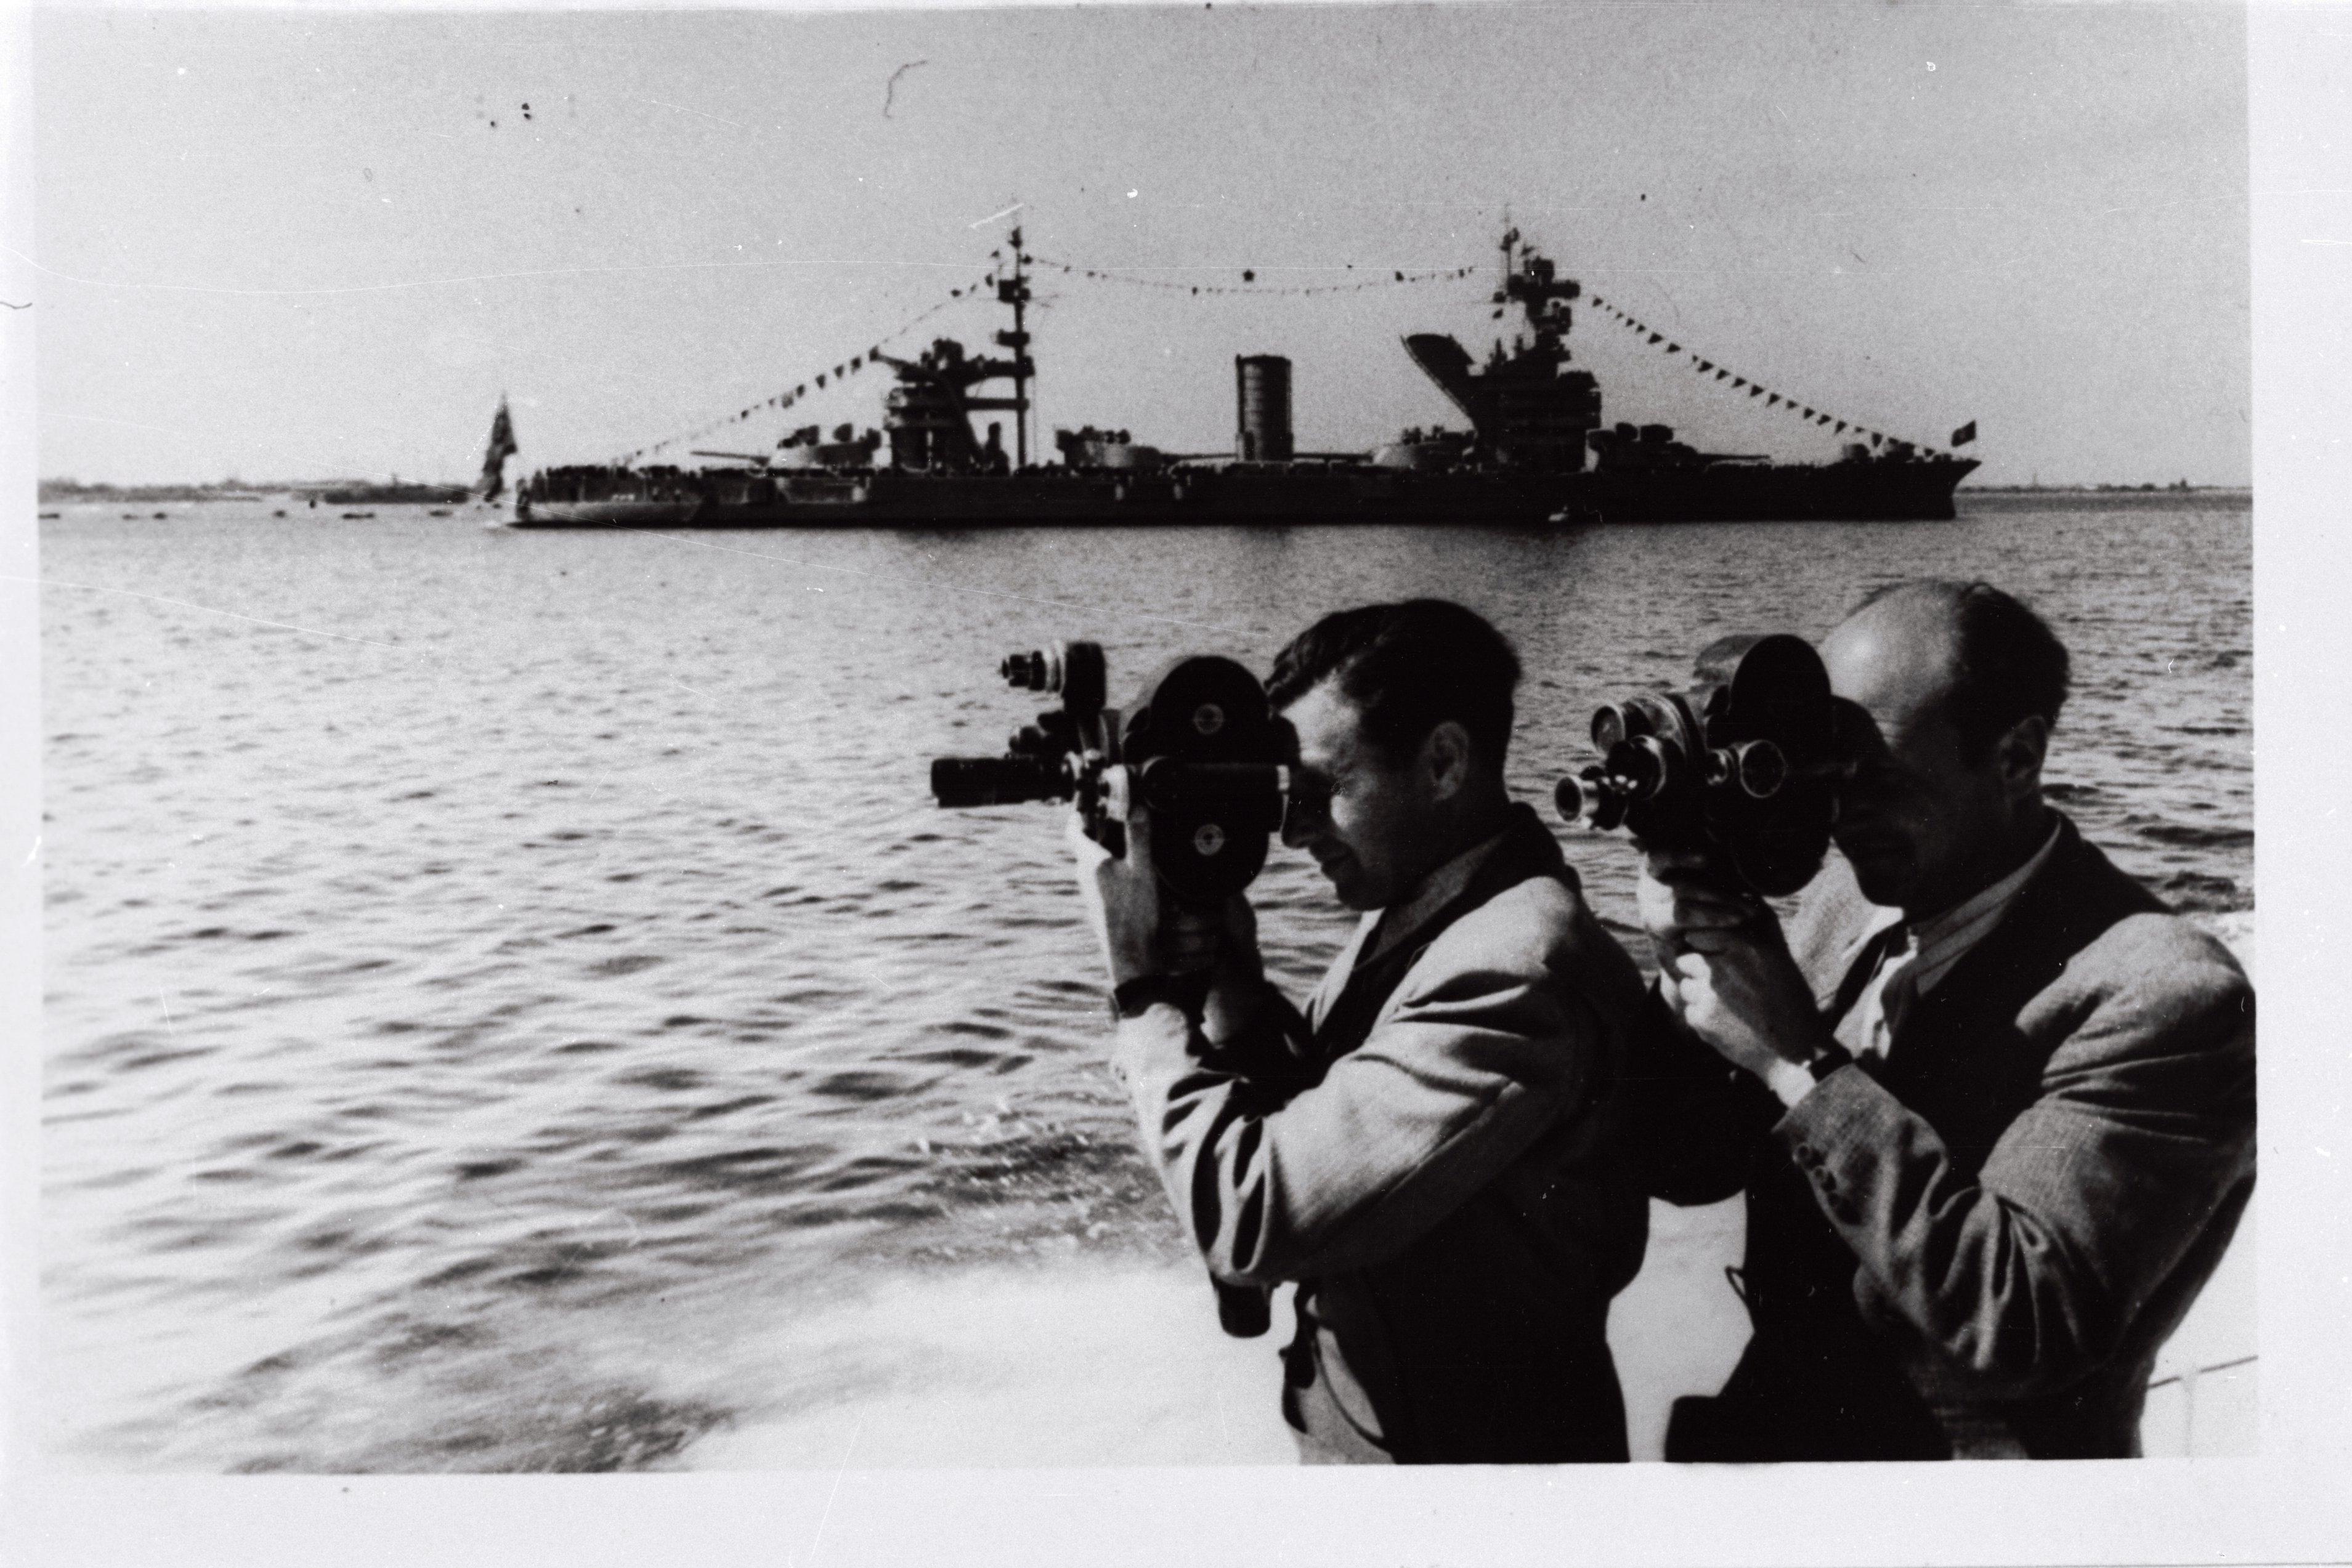 EFA 0-55741. Tallinna Kinostuudio operaatorid Vladimir Parvel (paremal) ja Semjon Školnikov võtetel sõjalaevastiku päeval Tallinnas. Foto: autor teadmata, 1949